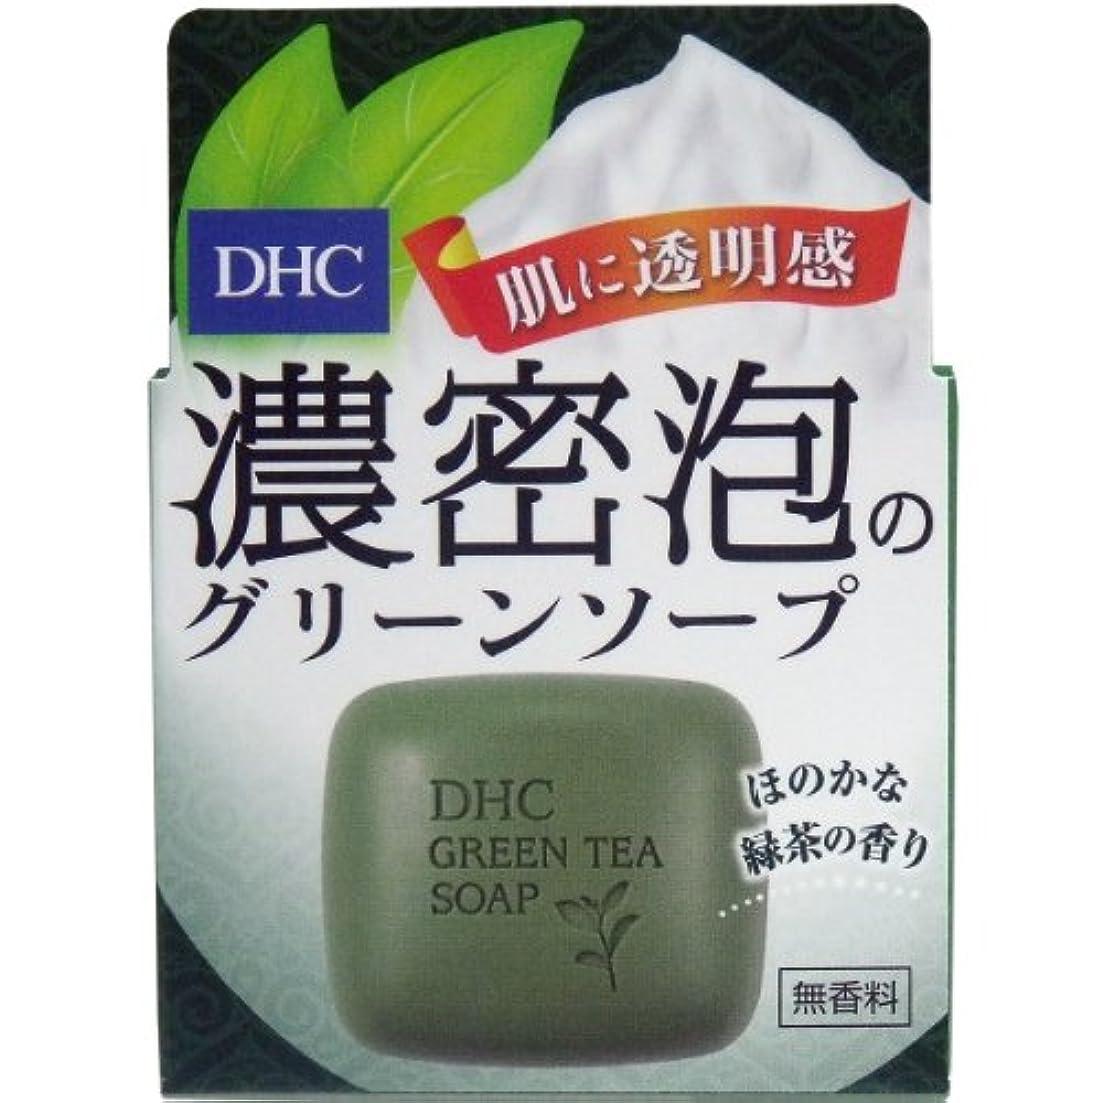 飽和するカストディアン練習した豊かな泡立ちと、クリアな洗い上がりが自慢!DHC グリーンソープ <石鹸> 60g